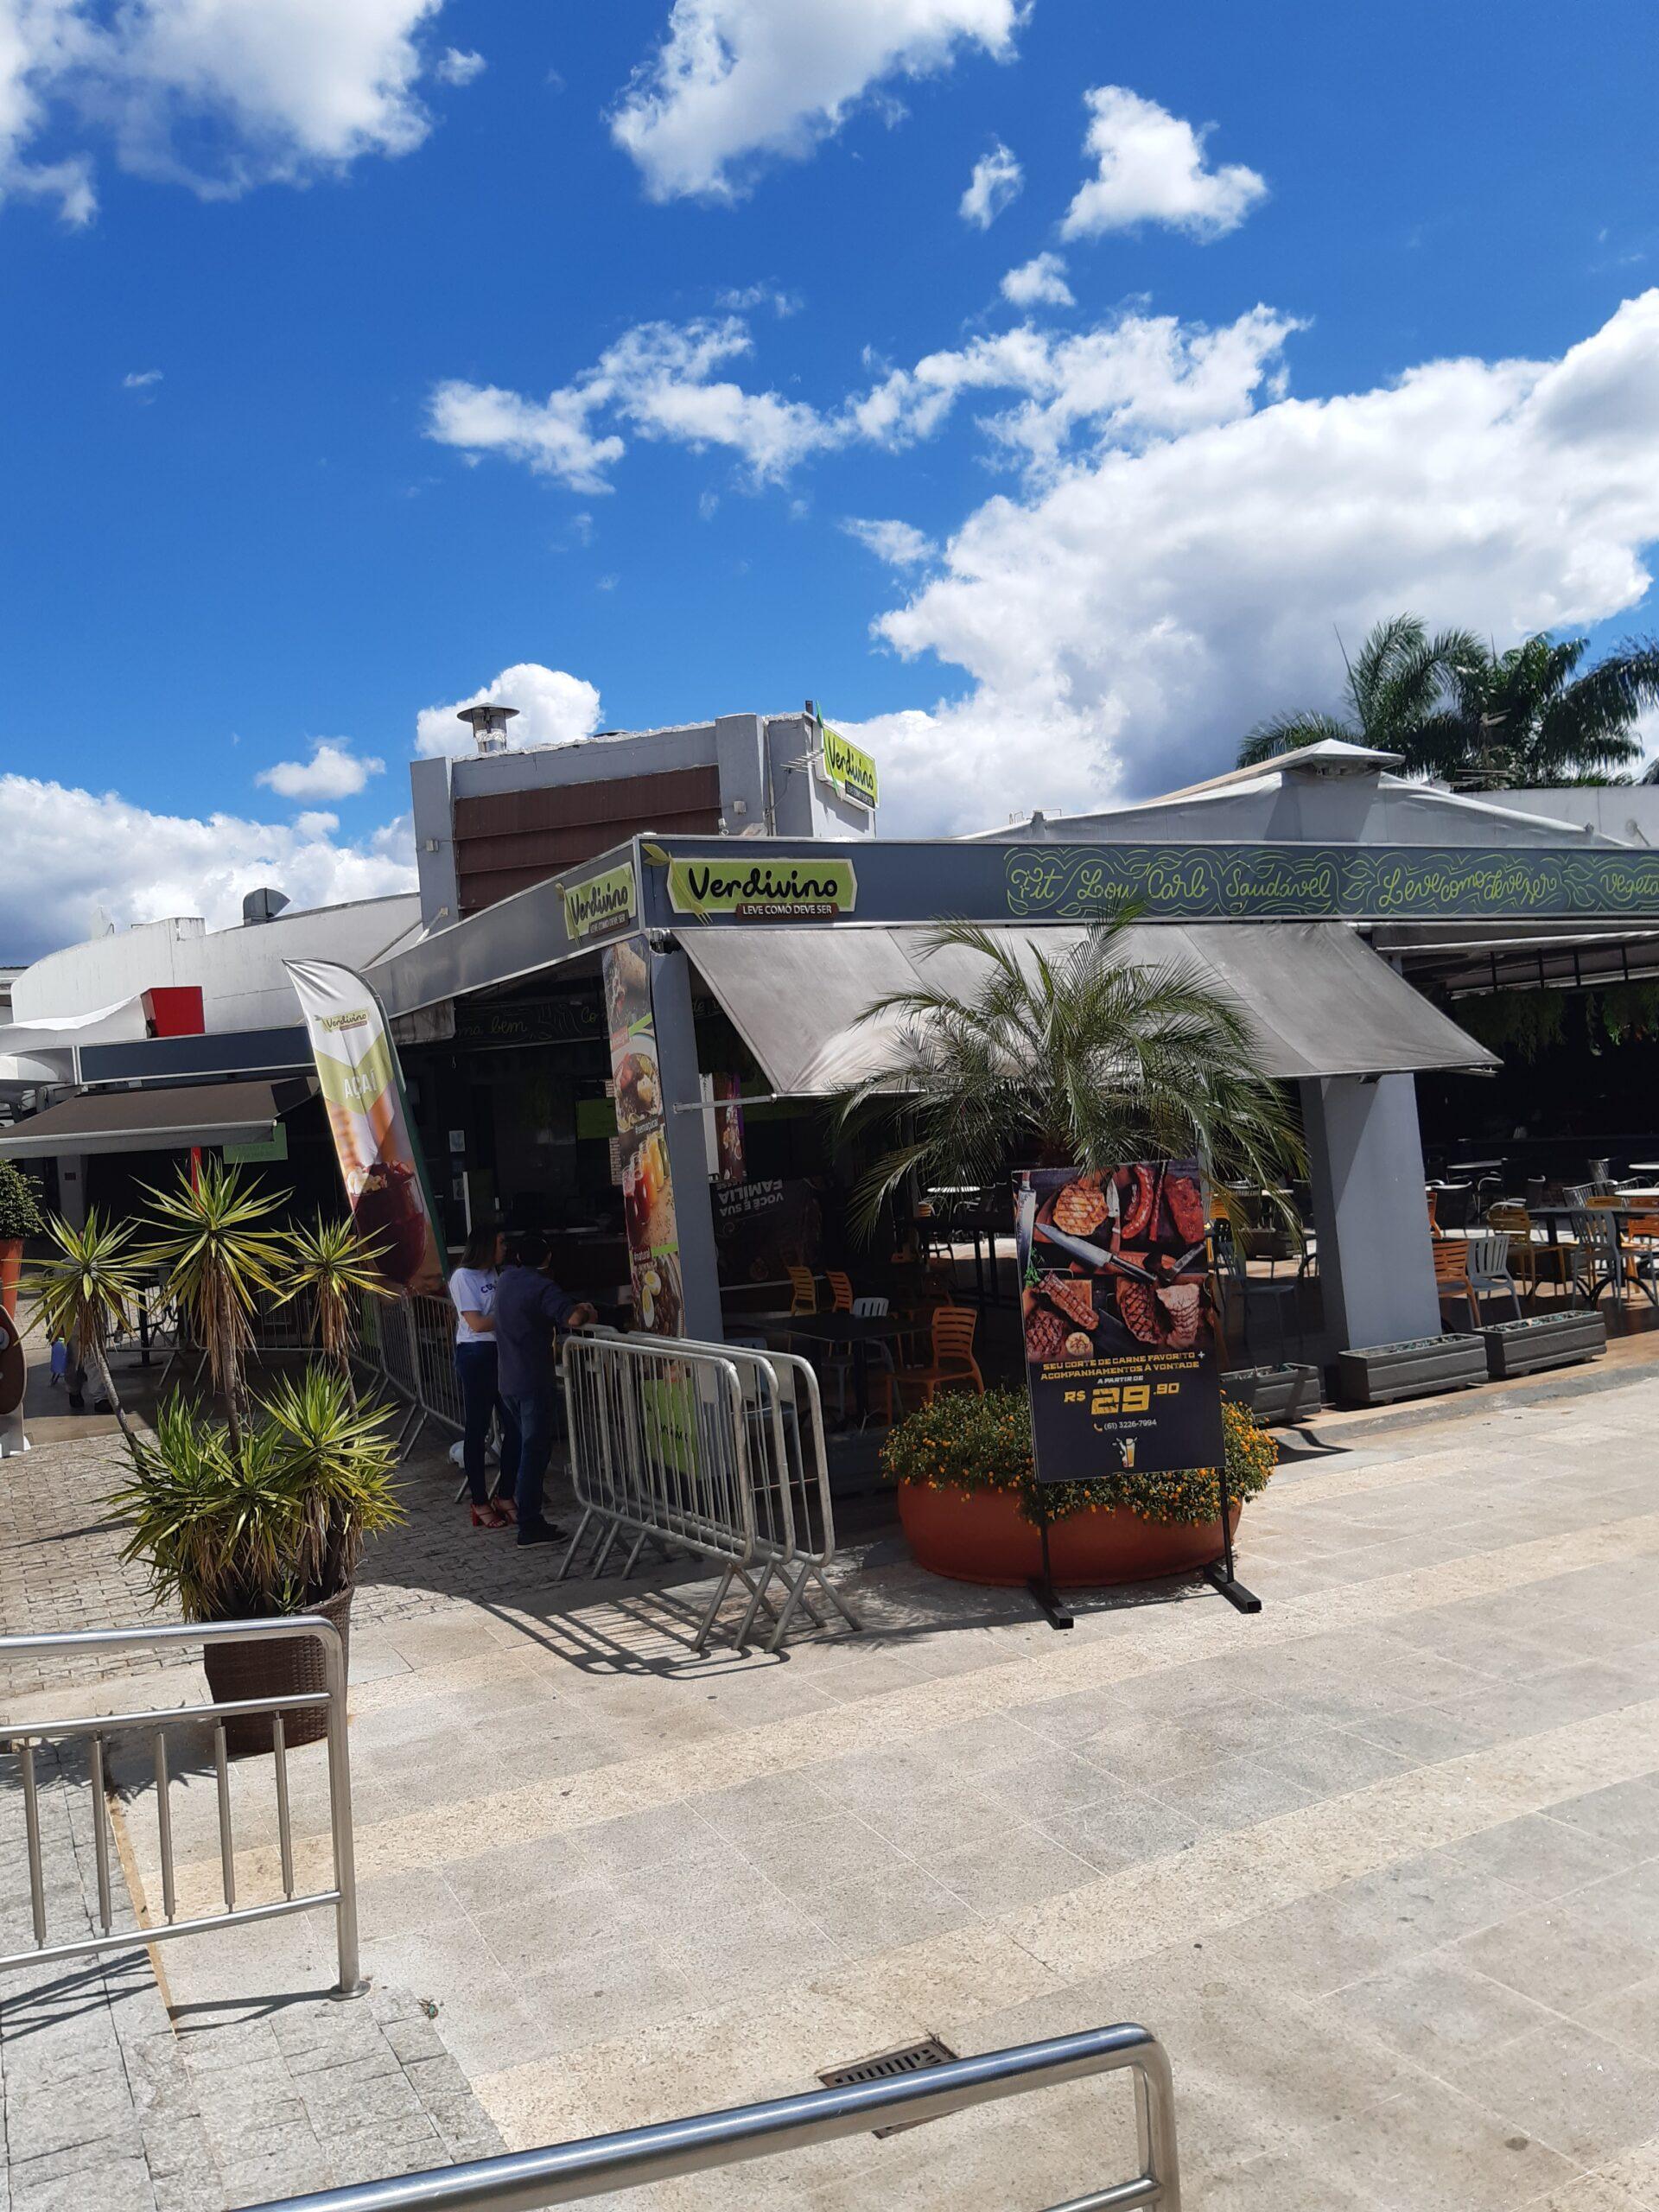 Verdivino Restaurante do Shopping Pier 21